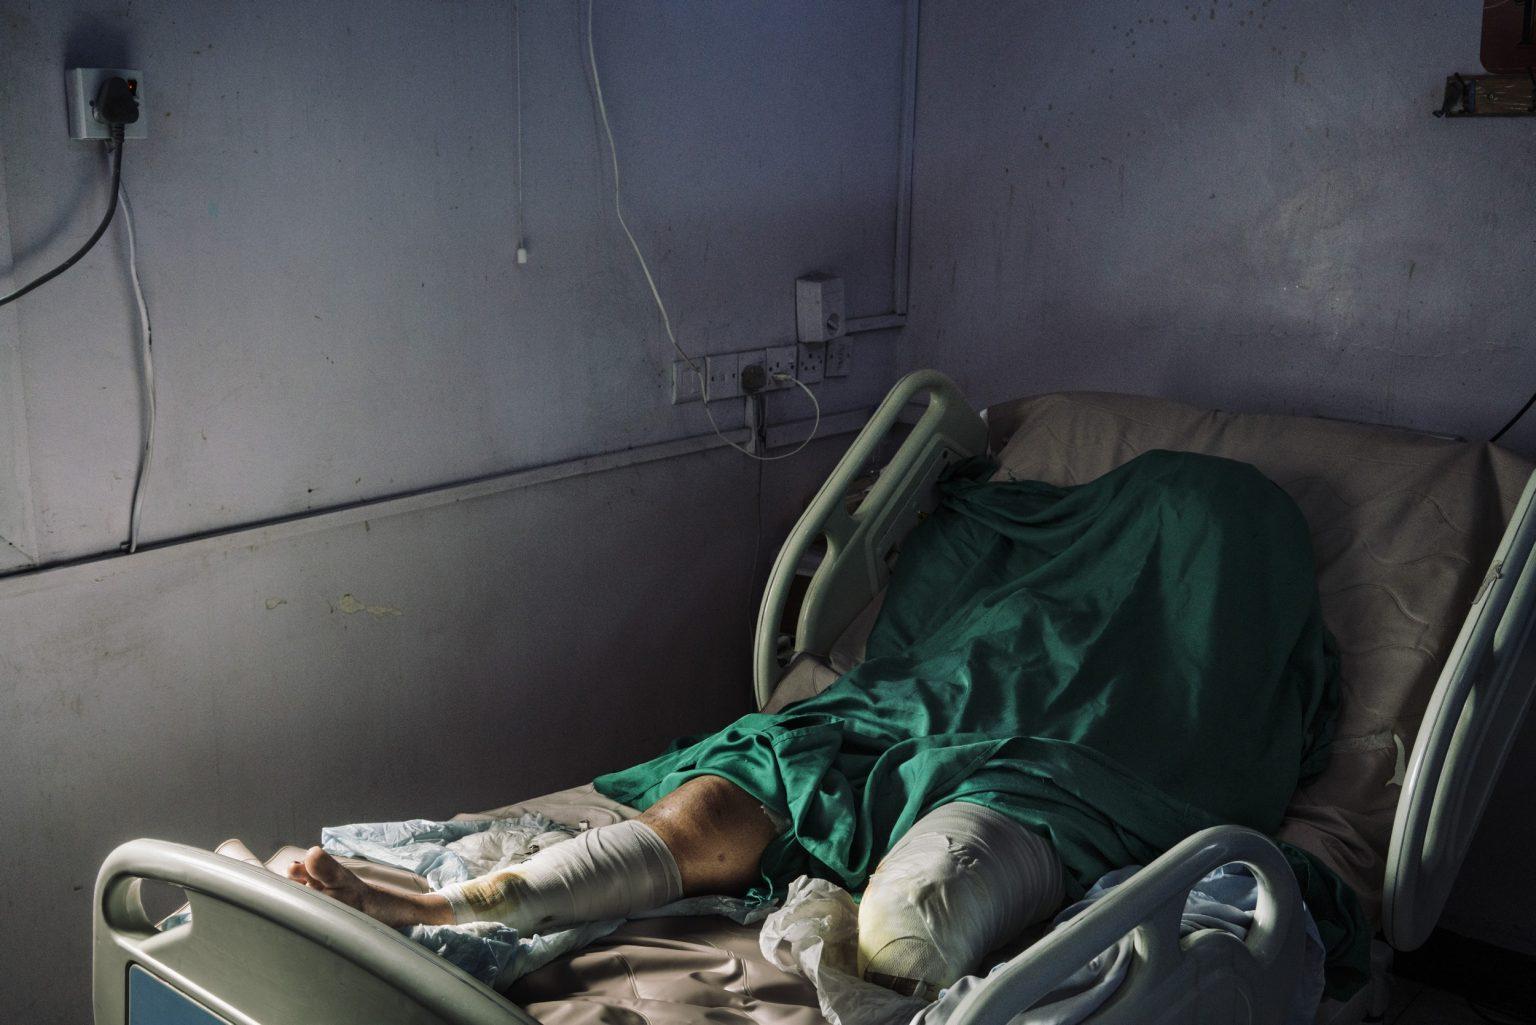 *** SPECIAL   FEE   APPLIES ***Hodeida, Yemen, December 2018 - Wafa Ahmed Hathim, 25, lost her left leg when a mortar landed on her house in the Rabasa neighborhood, just a mile from the front line. Her nephew and sister died and seven family members were injured. The attack took place on December 8th, while the two warring parties where negotiating peace in Sweden. Wafa has just finished her studies to become a nurse. Her father Ahmed Hatem spent most of his money to help her attend university. Now she is worried she will not be able to find a job. >< Hodeida, Yemen, dicembre 2018 - Wafa Ahmed Hathim, 25, ha perso la gamba sinistra durante un attacco di colpi di mortaio che ha distrutto la sua casa nel quartiere Rabasa, che dista solamente un miglio dalla front-line. Sua nipote e la sorella sono morte e sette membri della sua famiglia sono stati feriti. L'attacco è avvenuto l'8 dicembre, mentre le due fazioni stavano negoziando per la pace in Svezia. Wafa ha appena finito di studiare per diventare infermiera. Il padre Ahmed Hatem ha speso gran parte dei suoi soldi per aiutarla a finire l'università. Ora la ragazza teme che non riuscirà  a trovare lavoro.